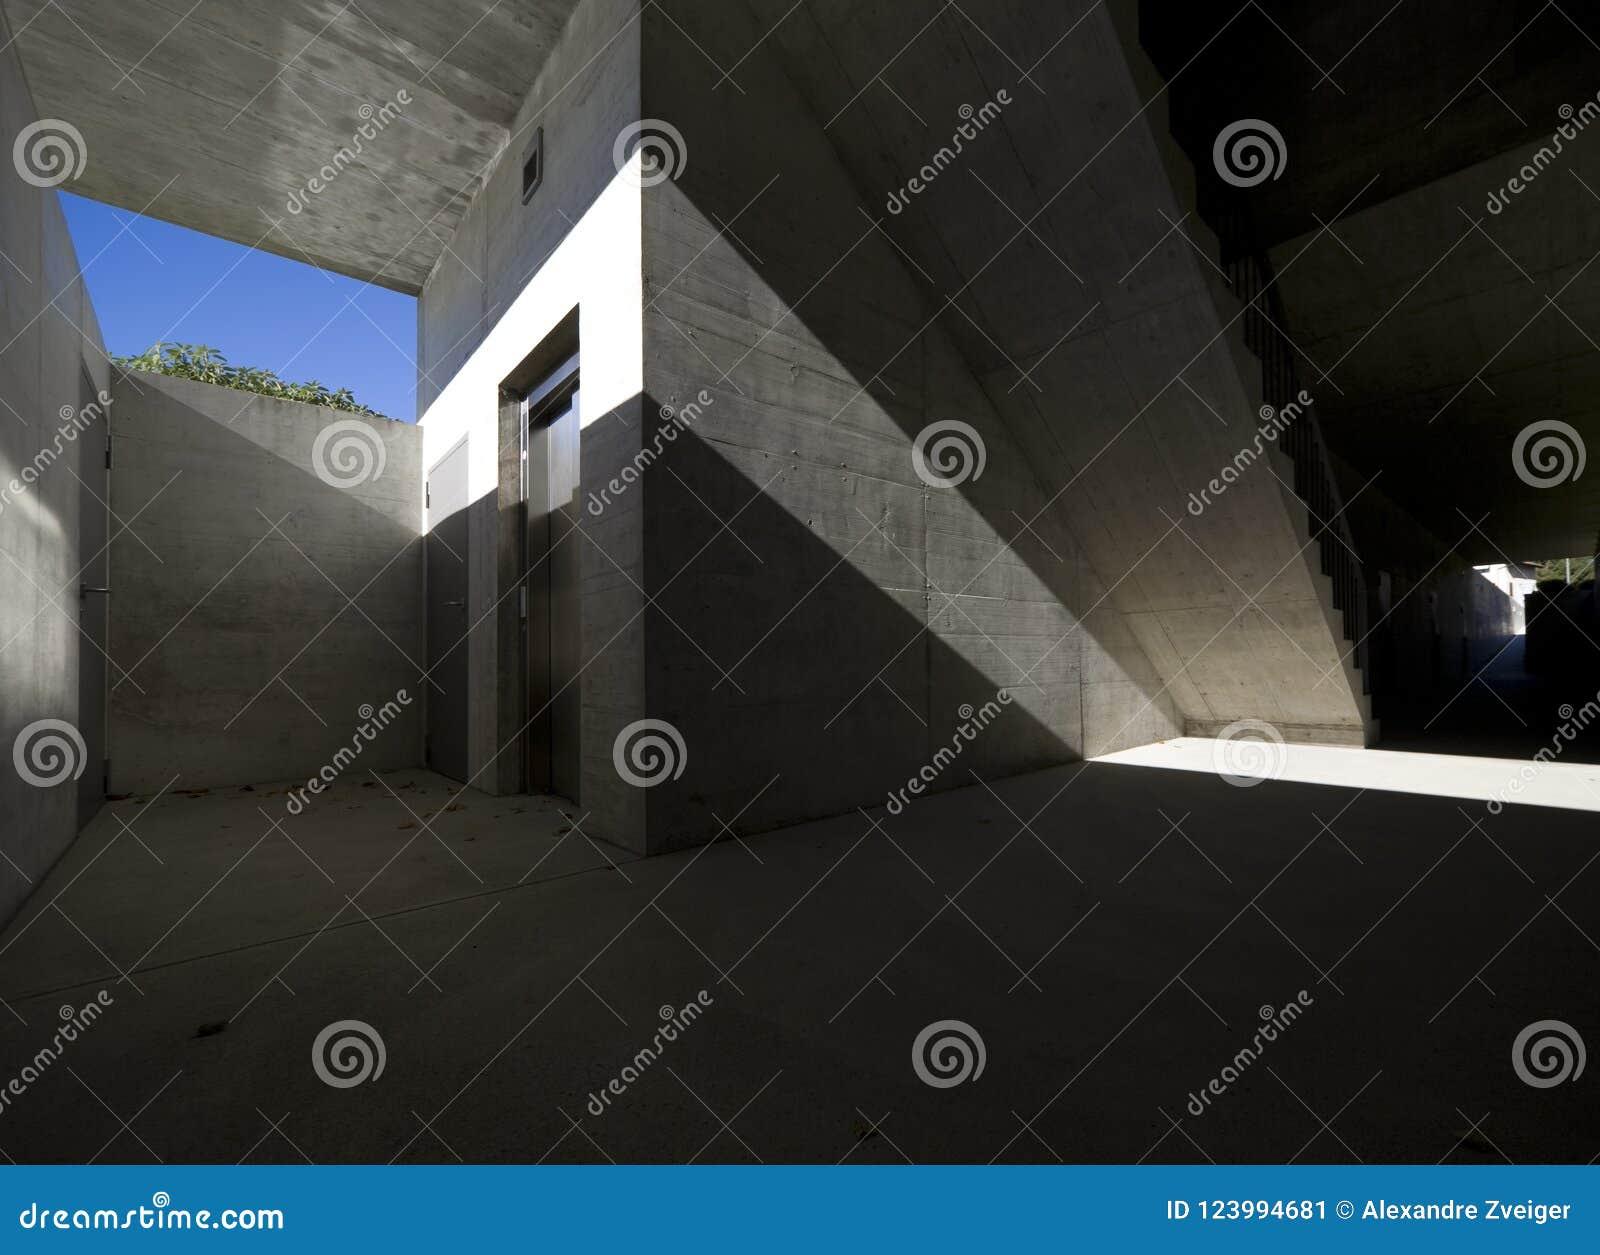 Strongs concrete penetration